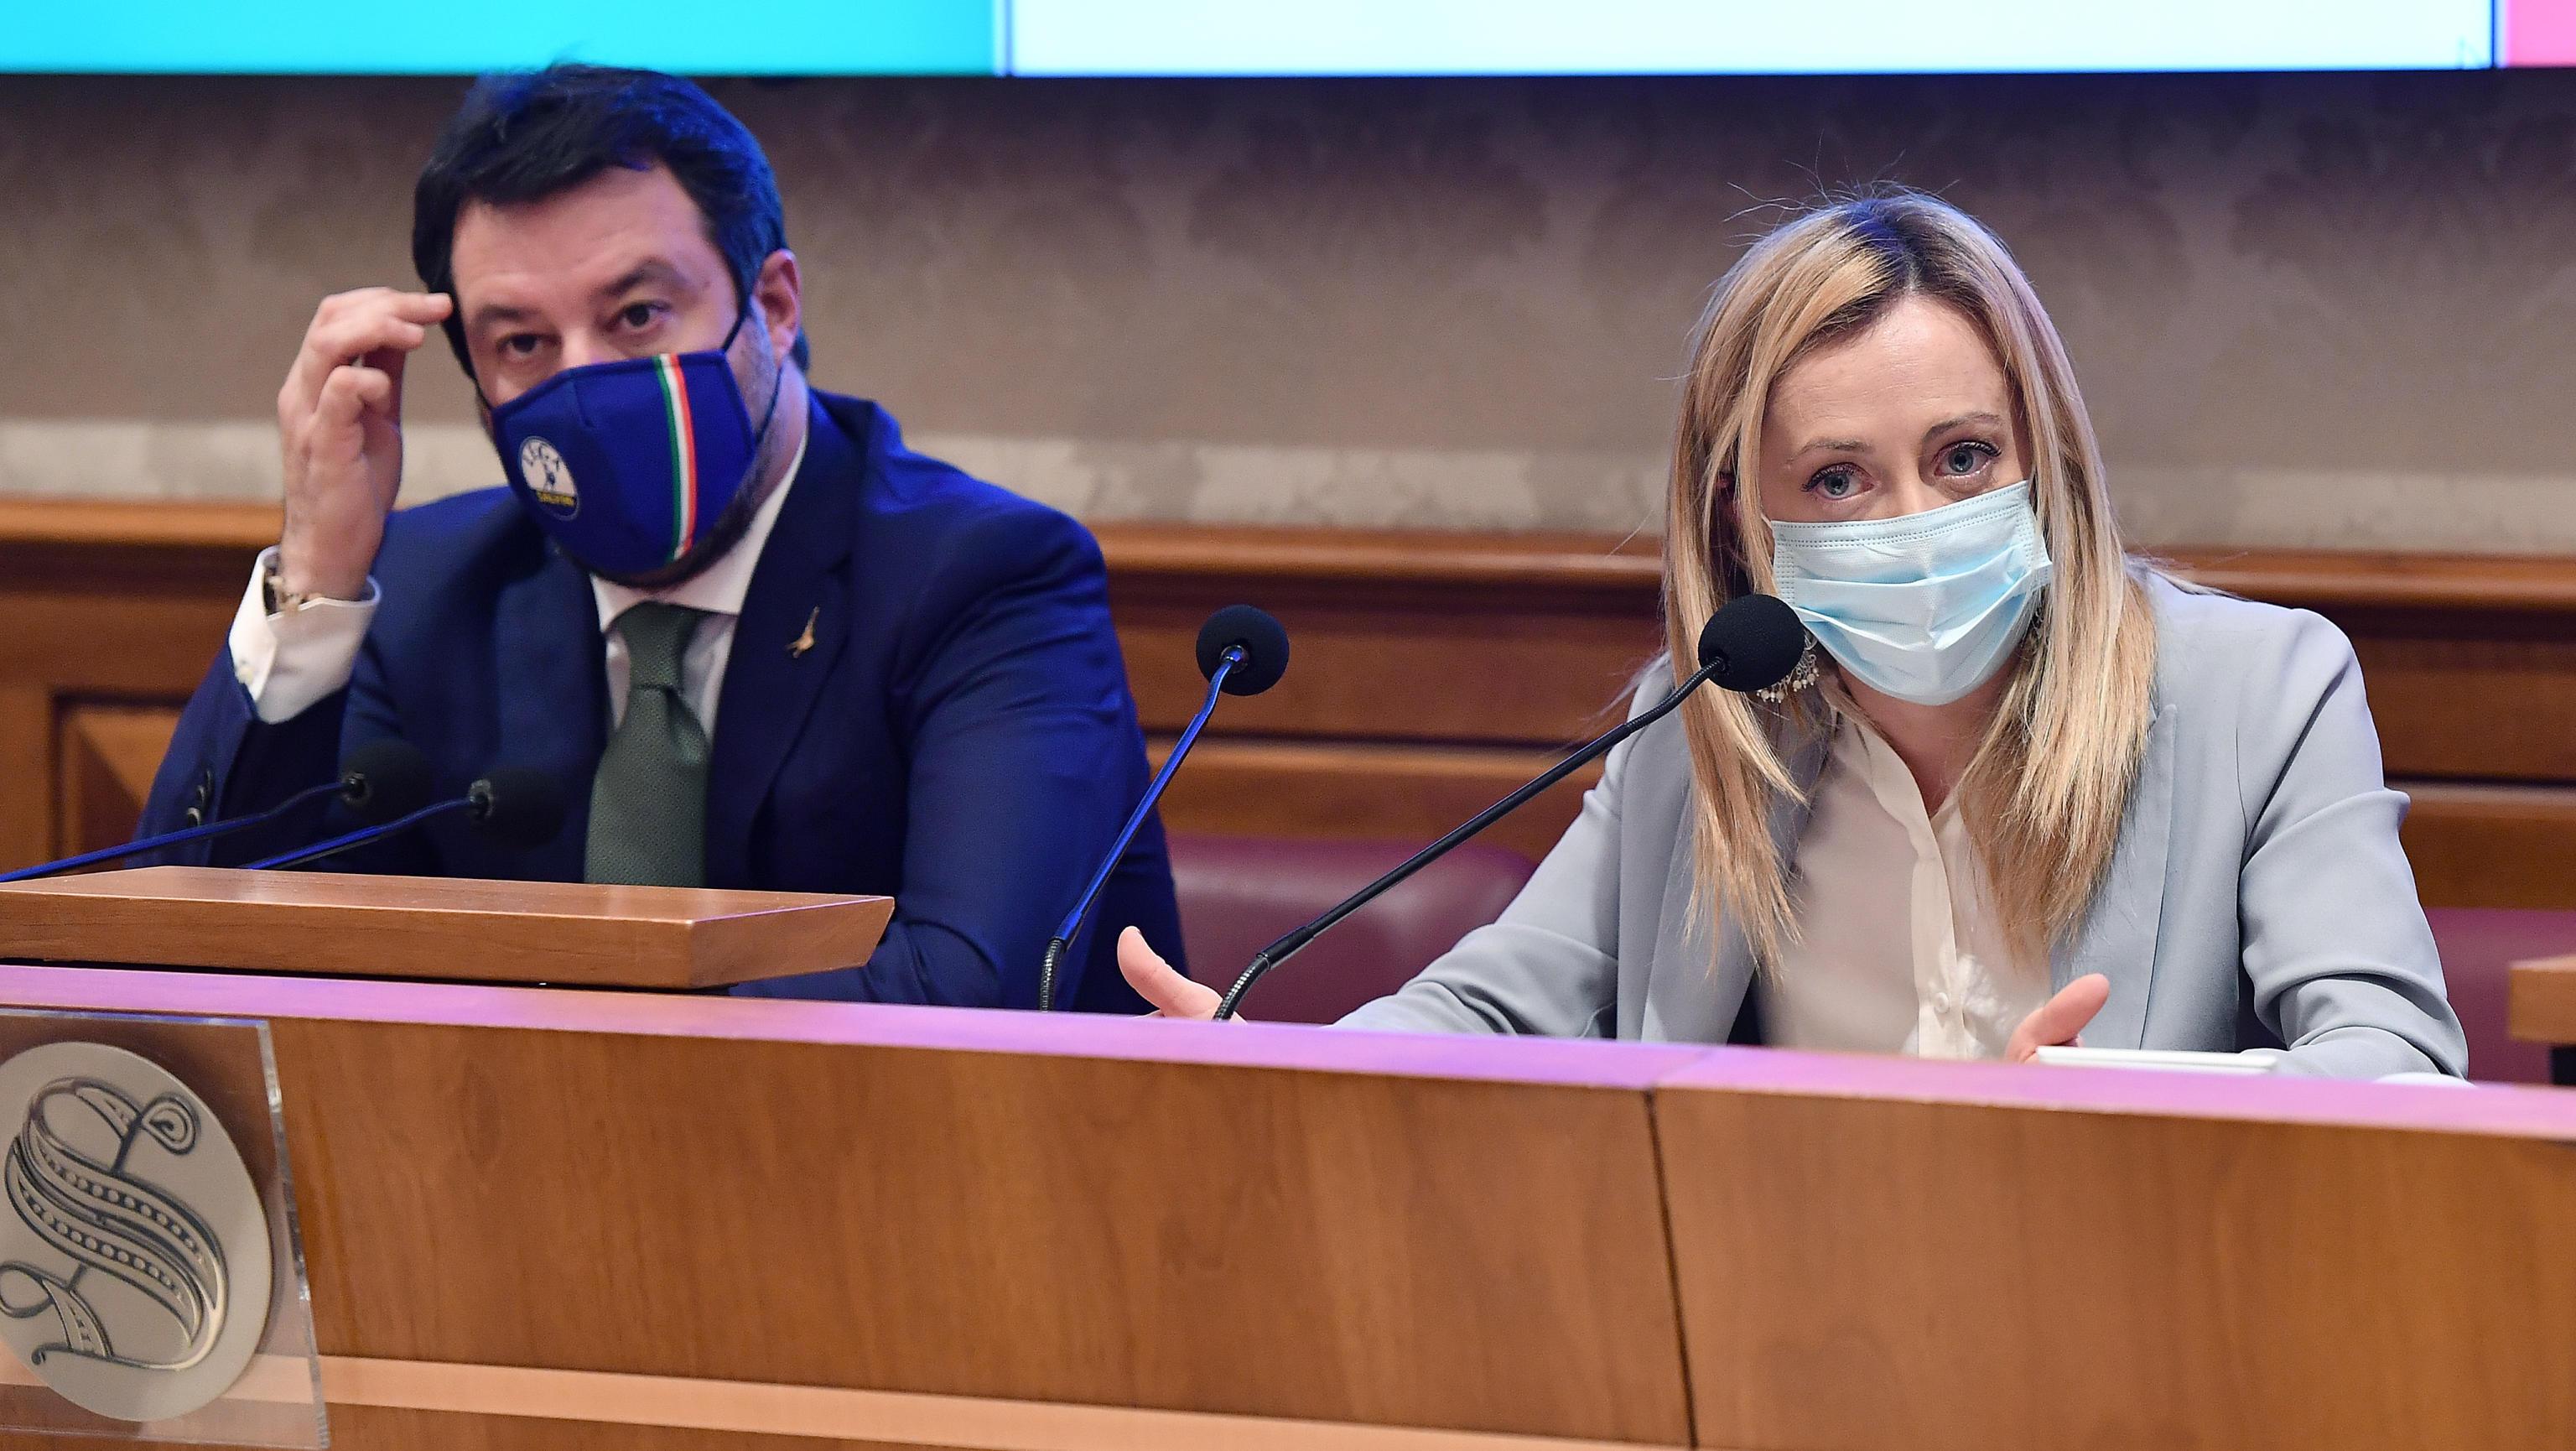 Sondaggio Pagnoncelli Green pass obbligatorio? Favorevole anche la maggior parte degli elettori di Salvini e Meloni - Il sondaggio